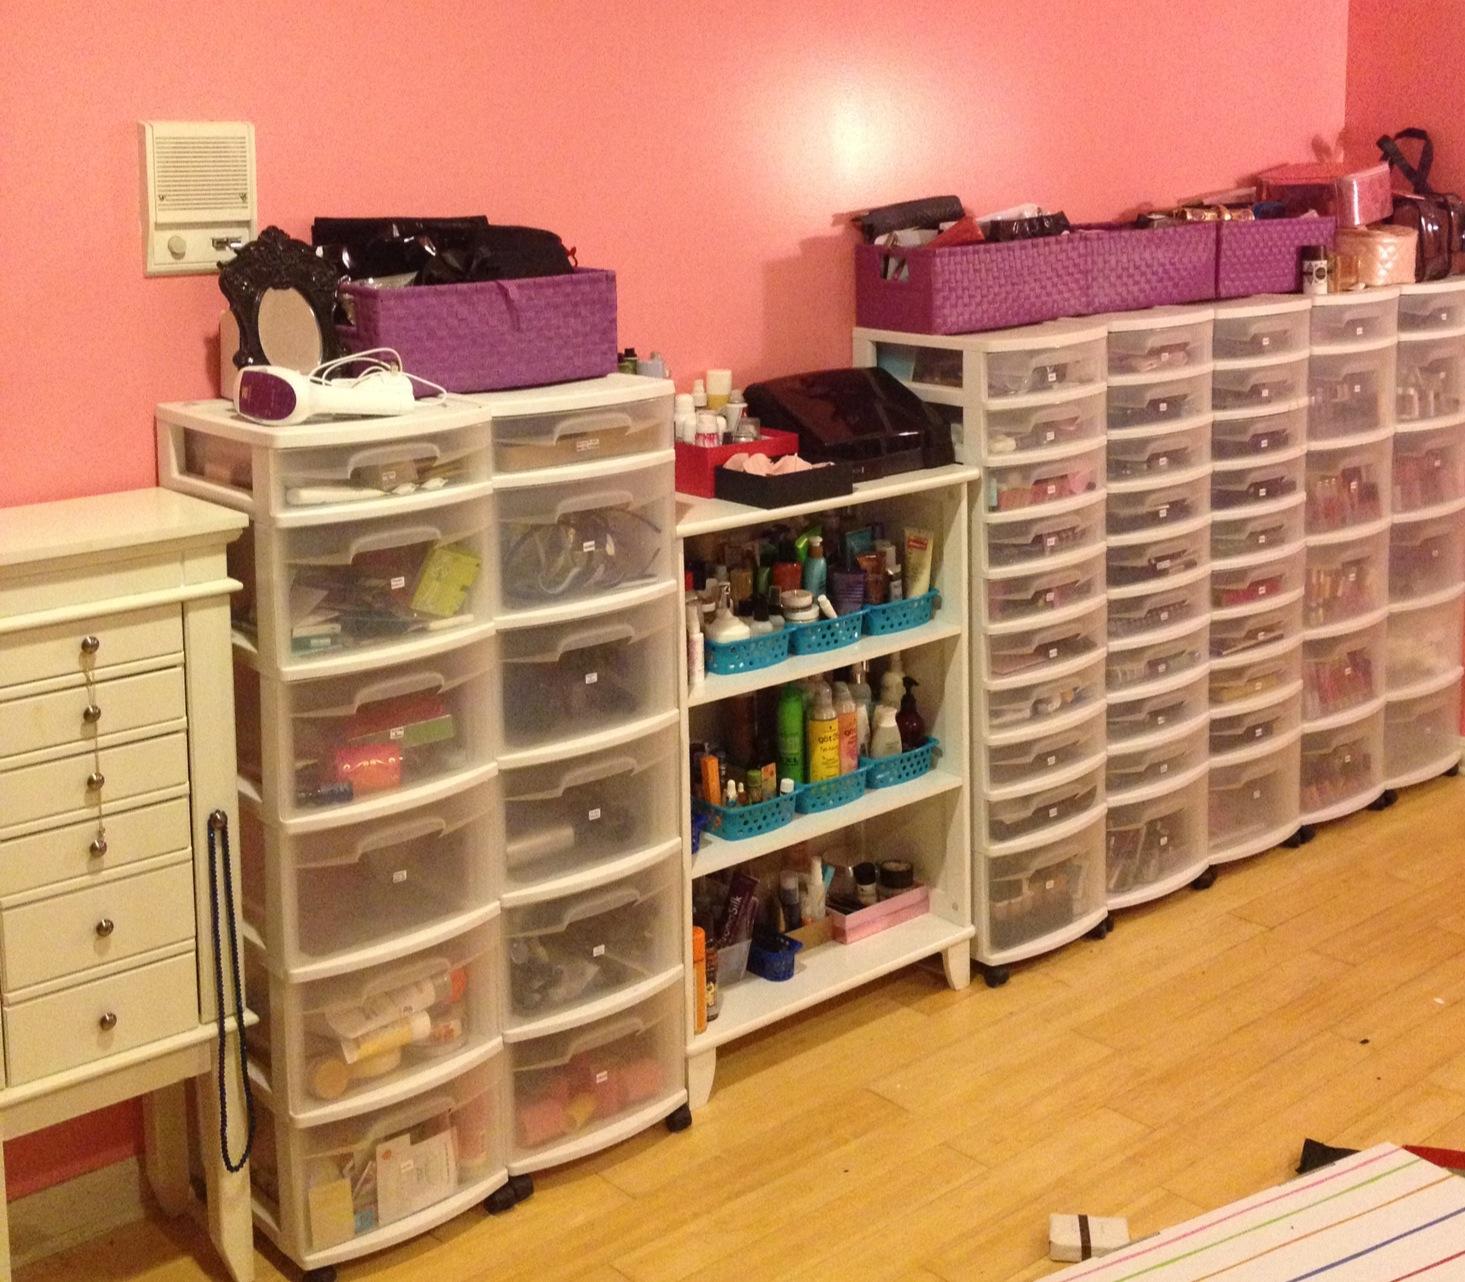 Sneak Peek At My Makeup Collection U0026 Storage/Organization